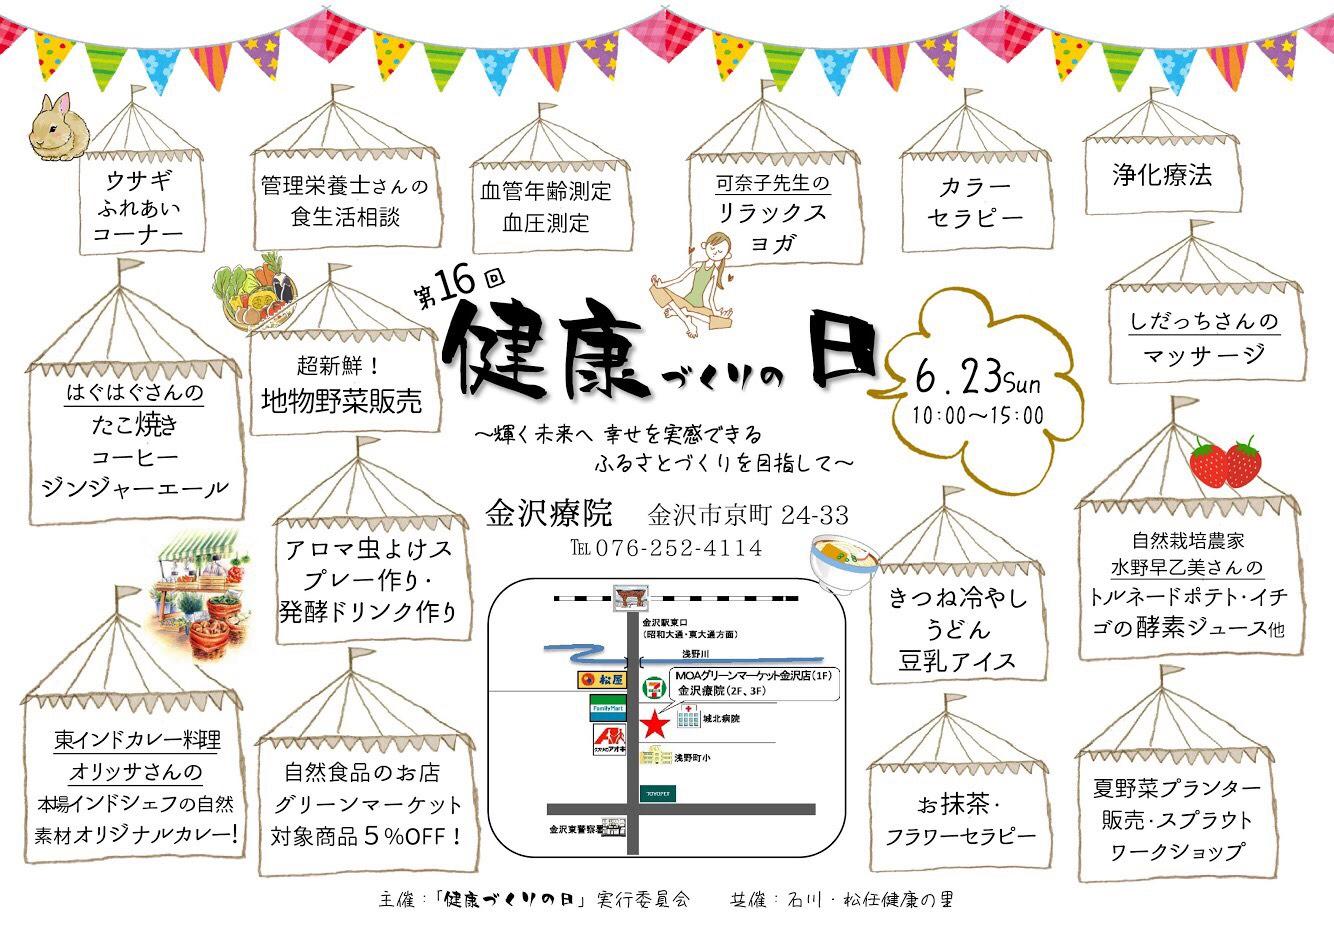 6/23(日)健康づくりの日@金沢療院に出店します ✽.。.:*